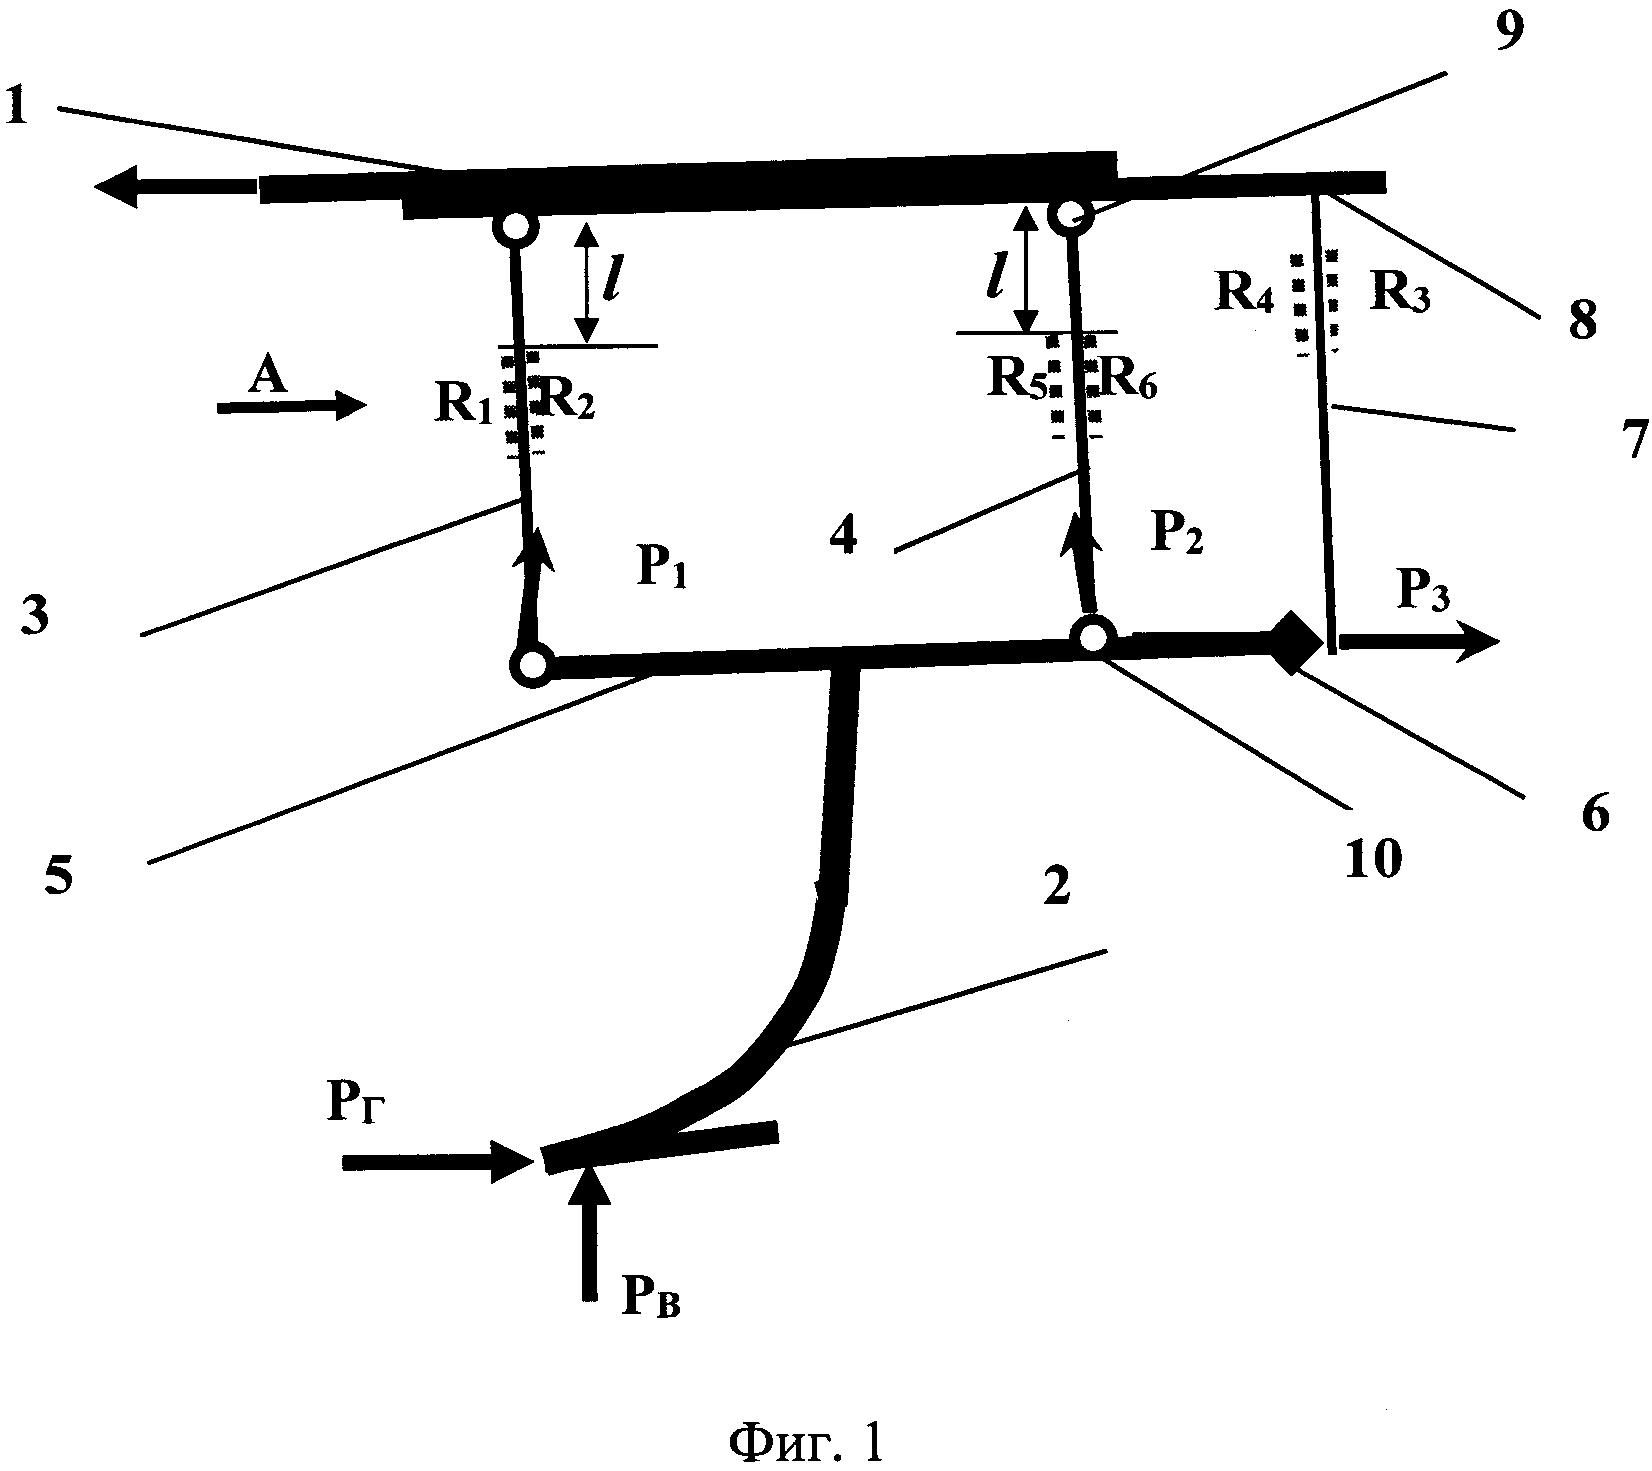 Устройство для измерения вертикального и горизонтального усилия на рабочий орган сельскохозяйственного орудия